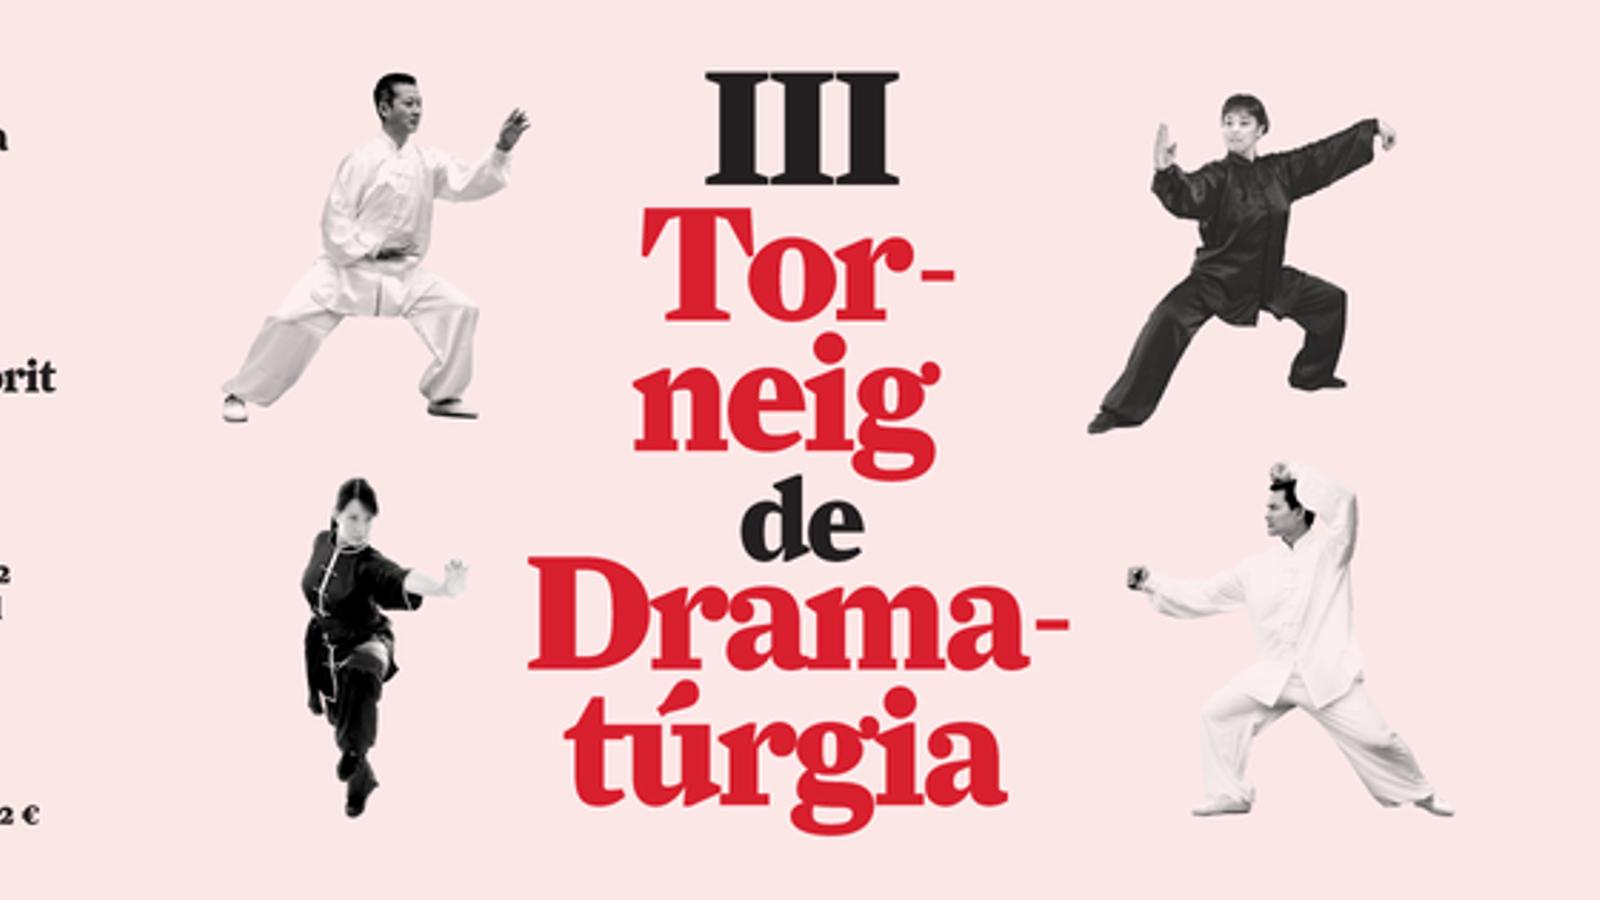 III Torneig de Dramatúrgia de les Illes.